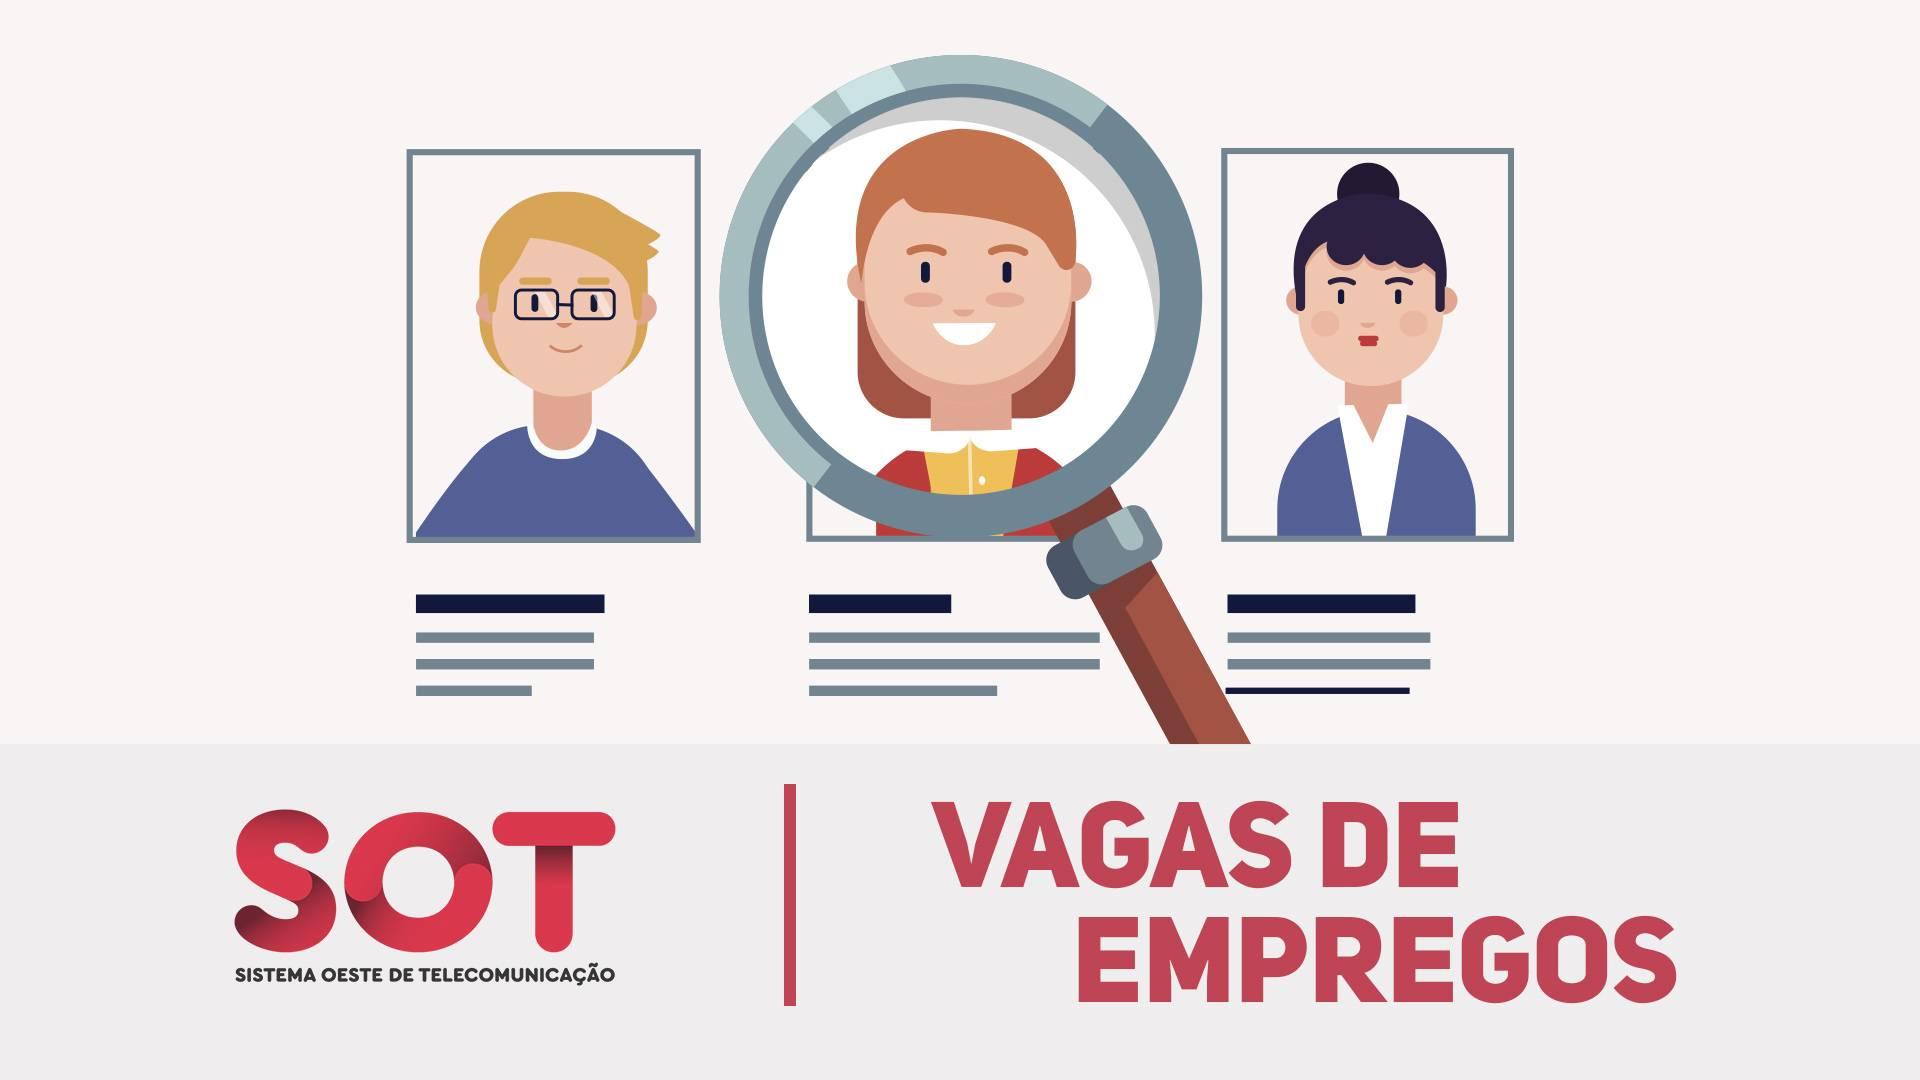 Vagas de Empregos: Veja as principais oportunidades disponíveis nesta quarta-feira (26/05)